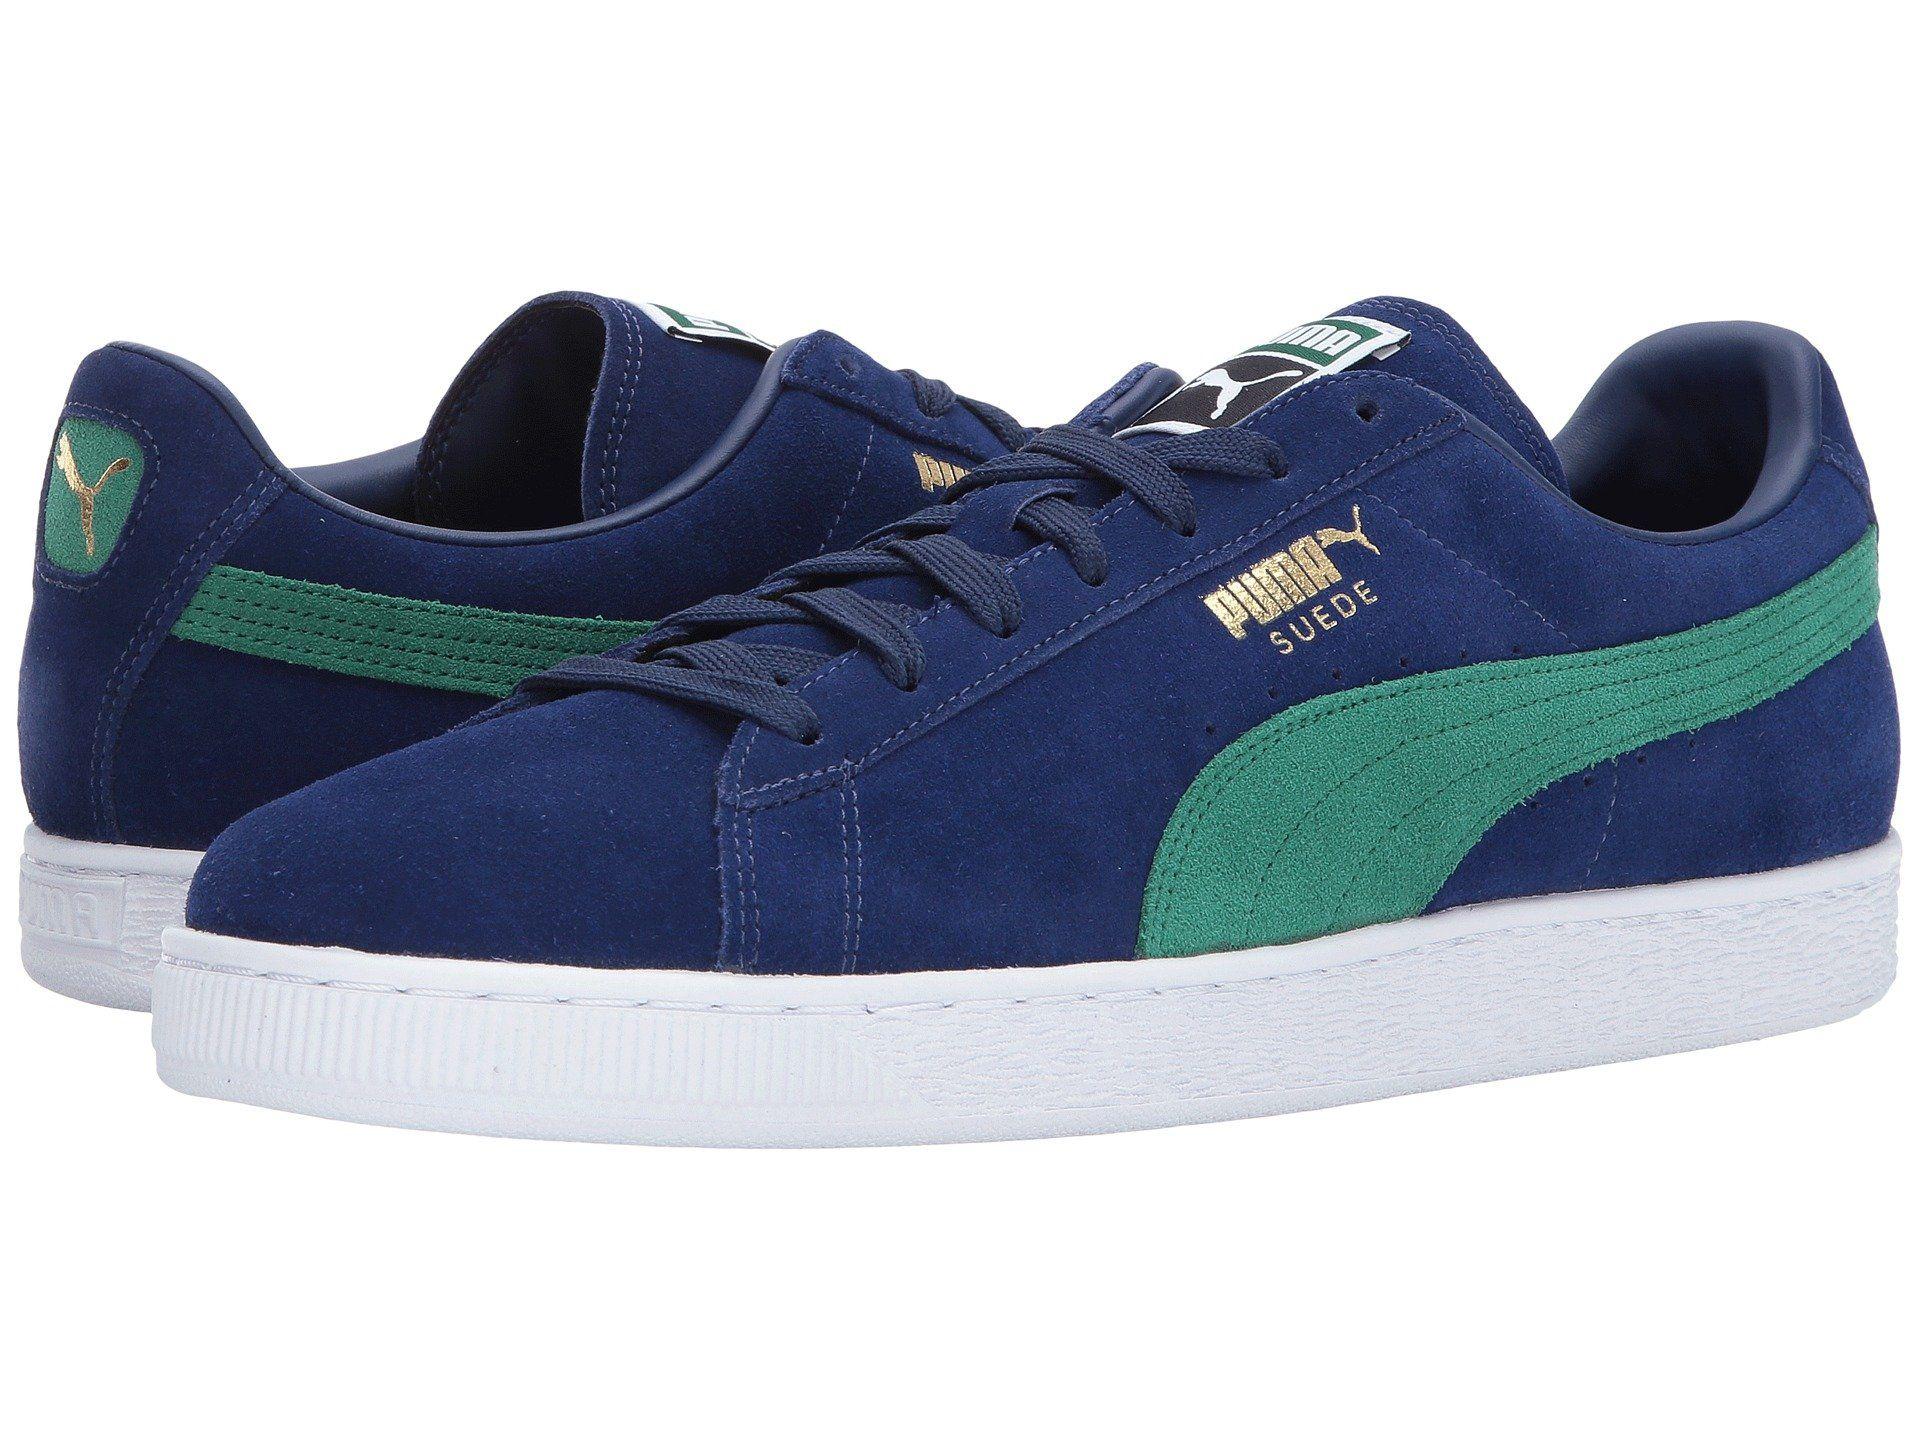 PUMA Suede Classic+. #puma #shoes # | Puma suede, Shoes